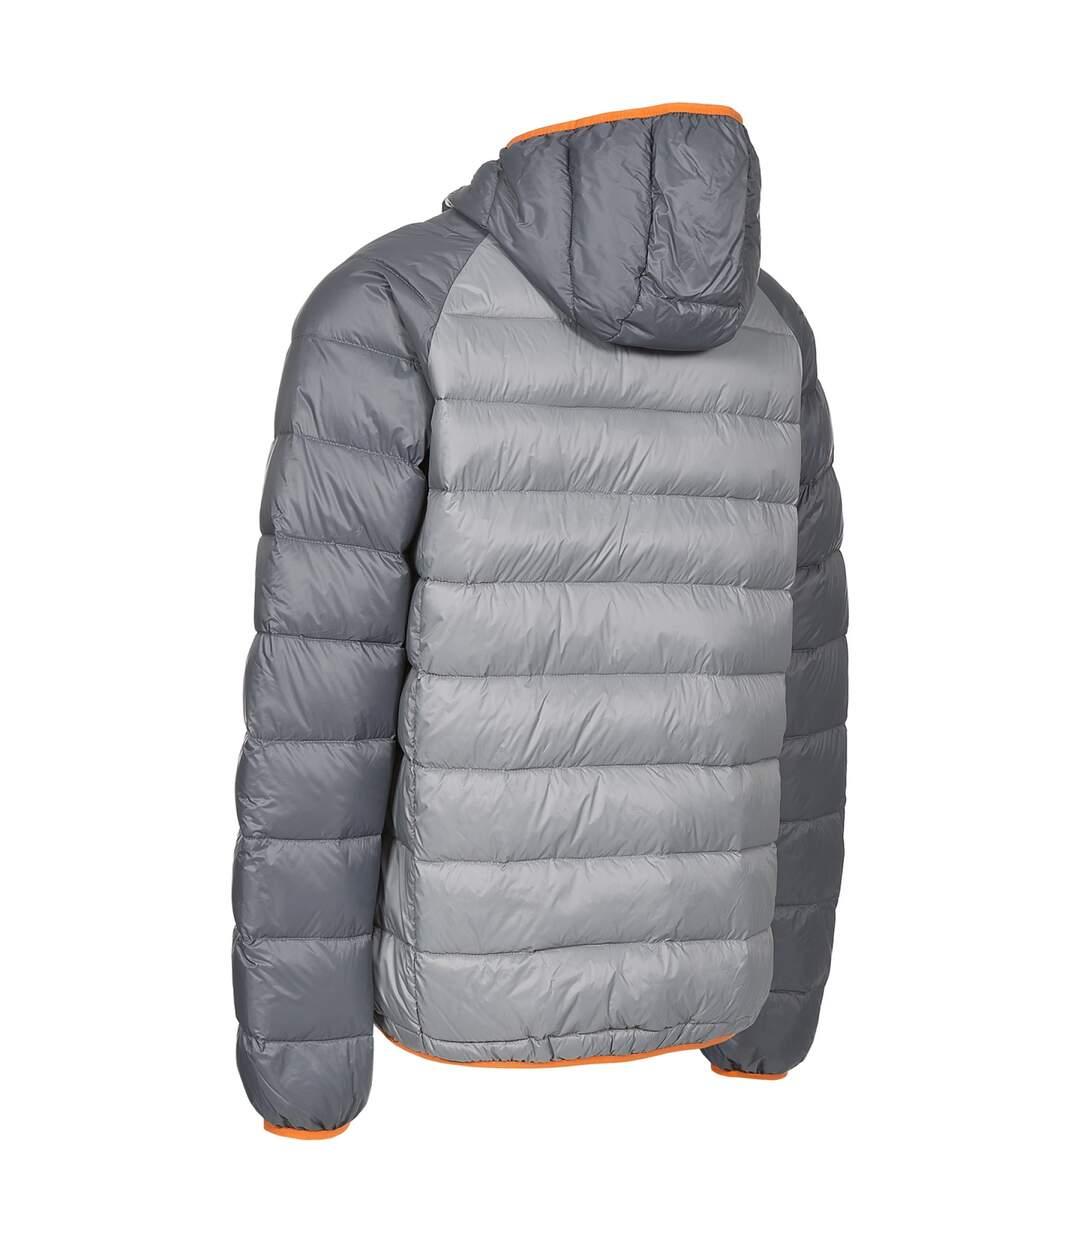 Trespass Mens Rusler Down Jacket (Storm Grey) - UTTP3777